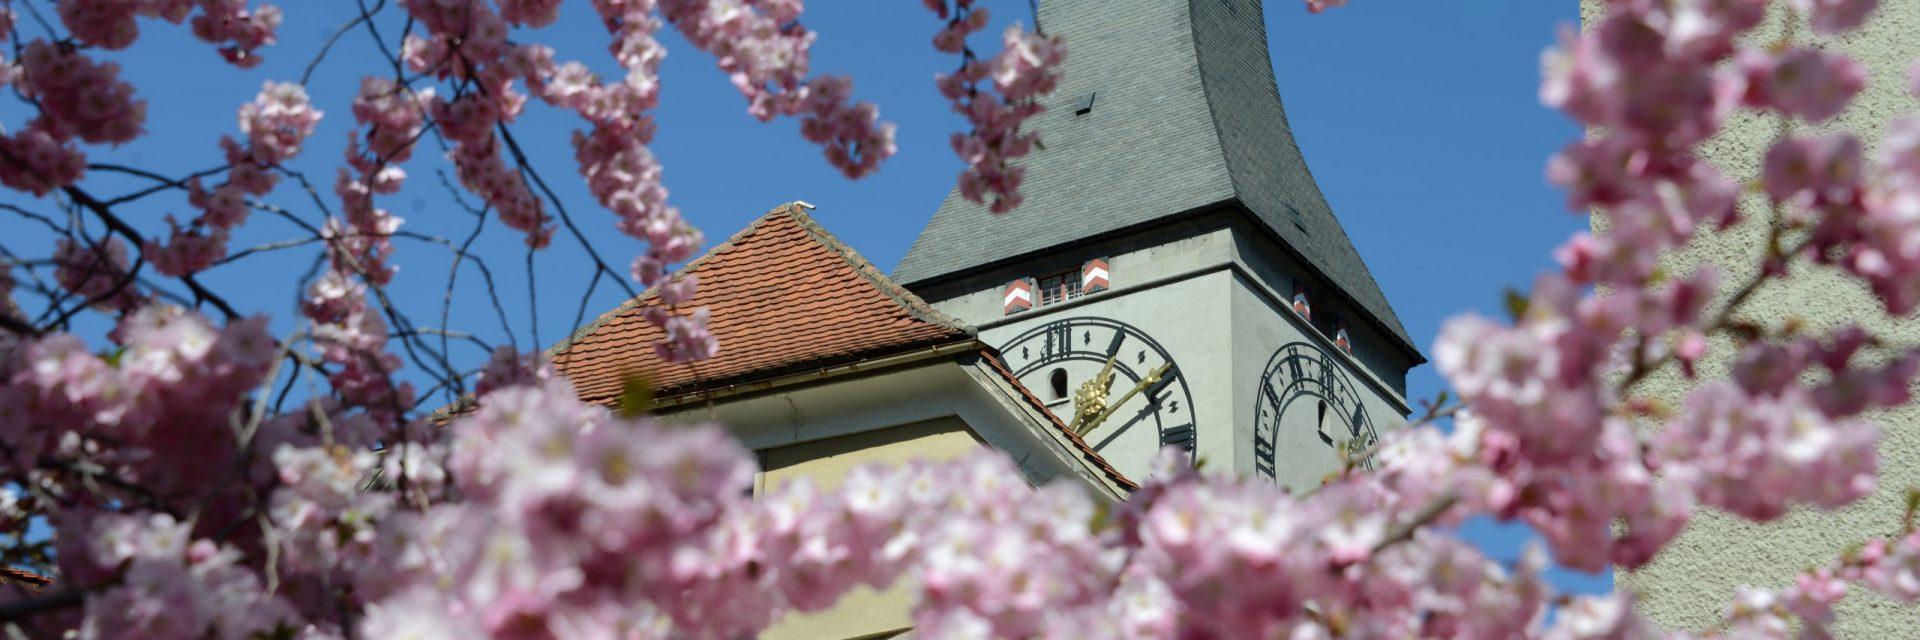 Martinskirche, Frühling, Kirchen